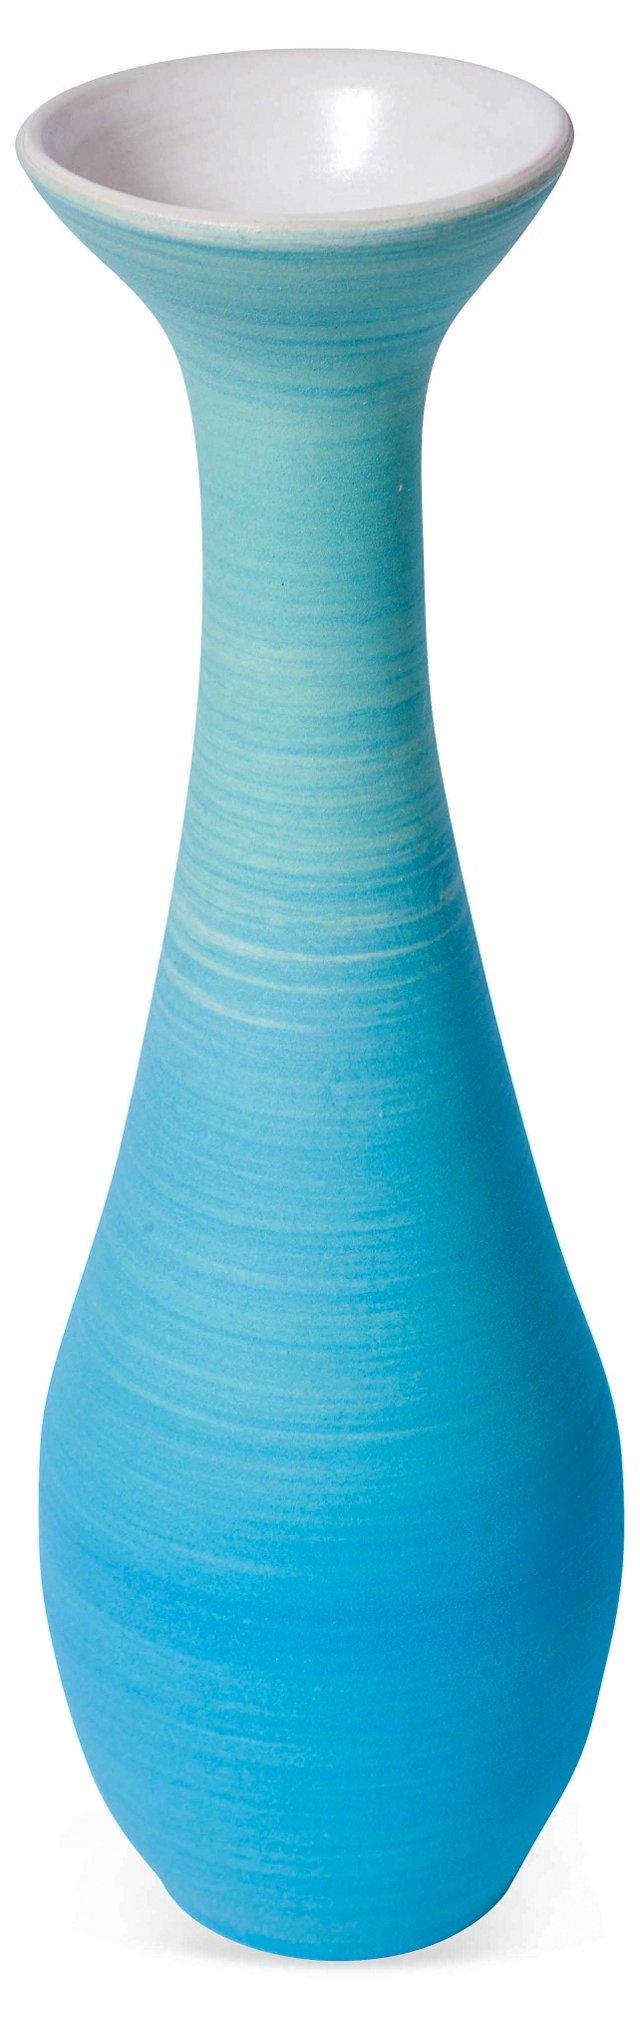 Genie Bottle Vessel, X Large